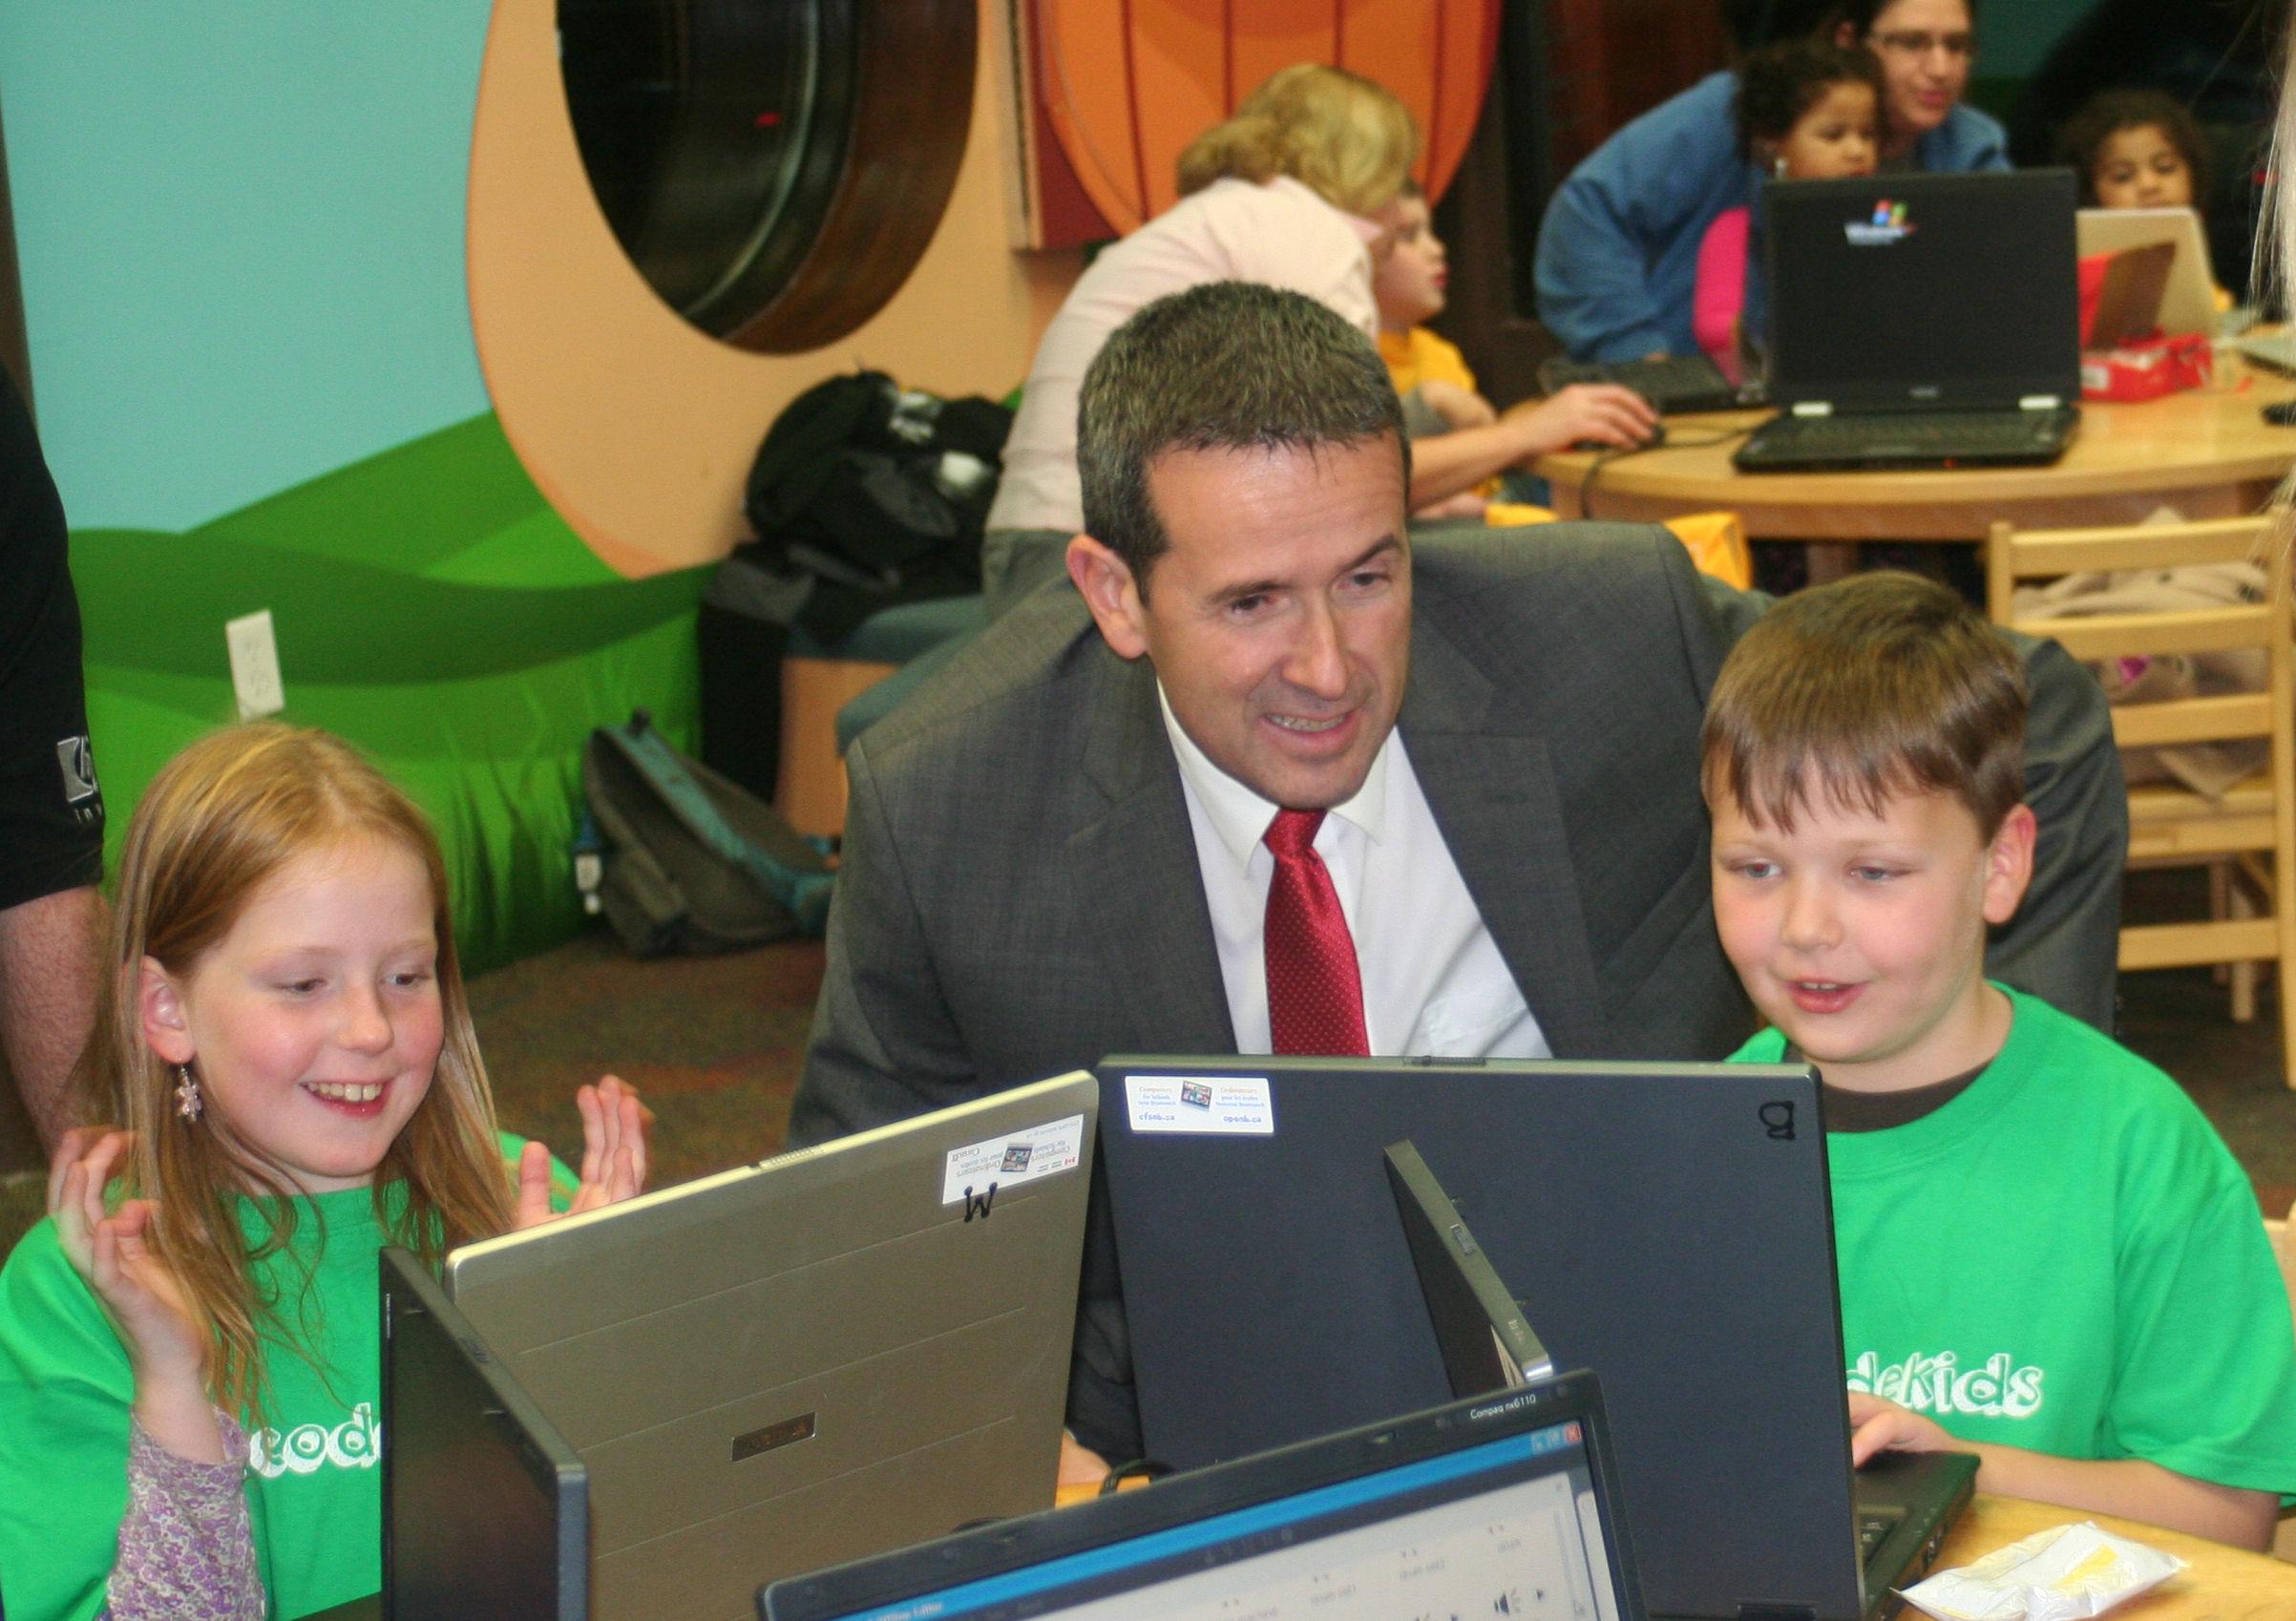 Le ministre observe des enfants qui créent à l'aide de la technologie